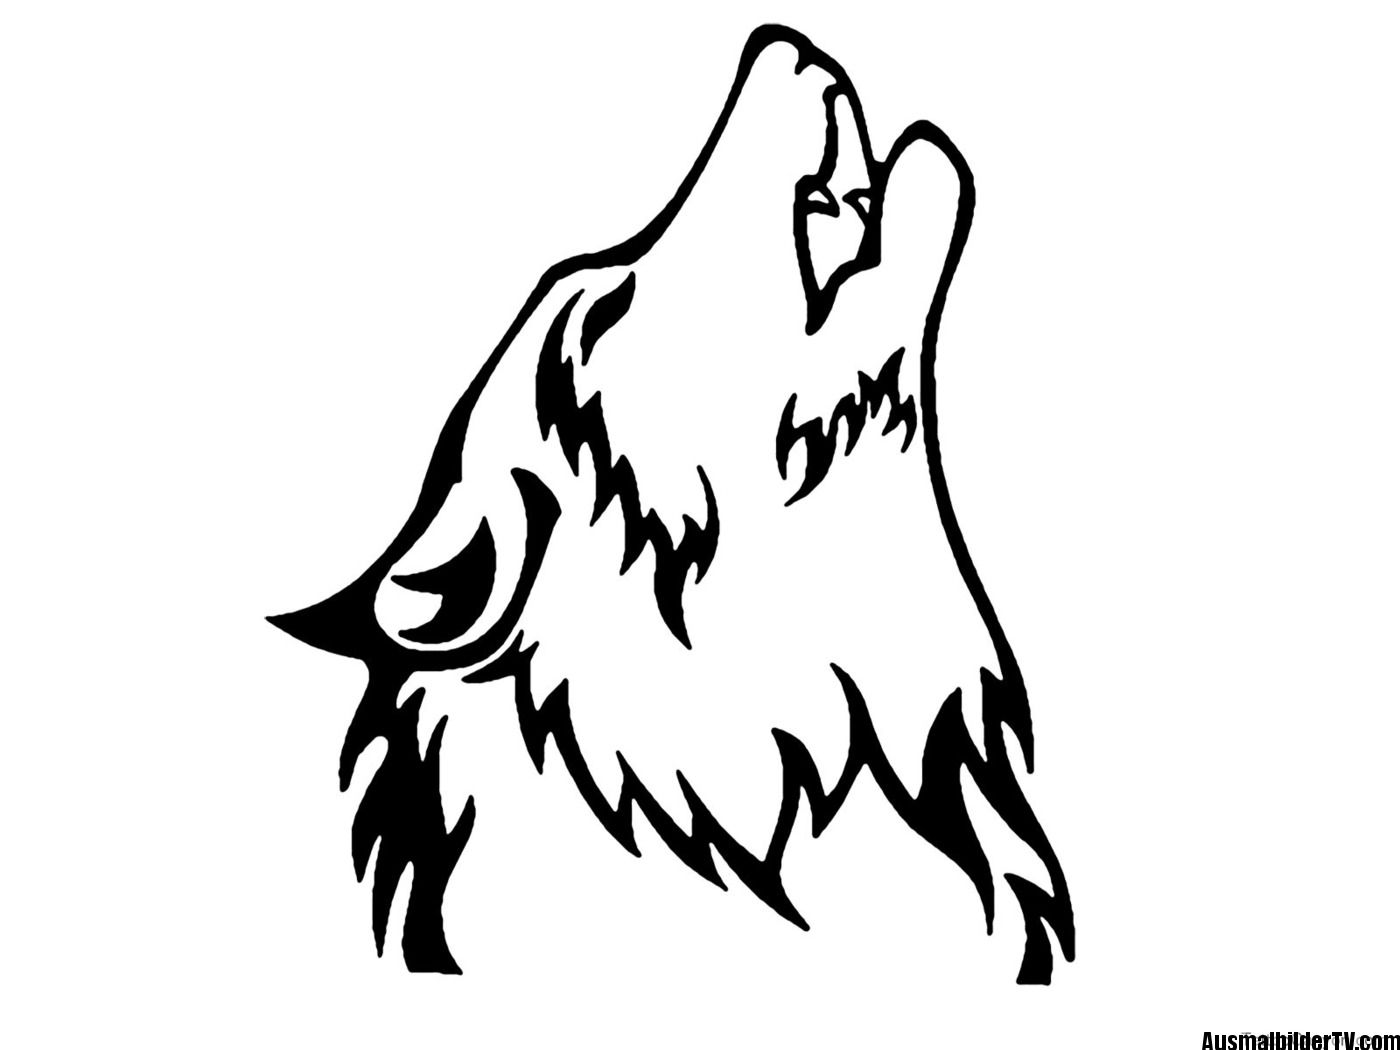 wolf ausmalbild | Brandmalerei | Pinterest | Wolf, Ausmalbilder und ...